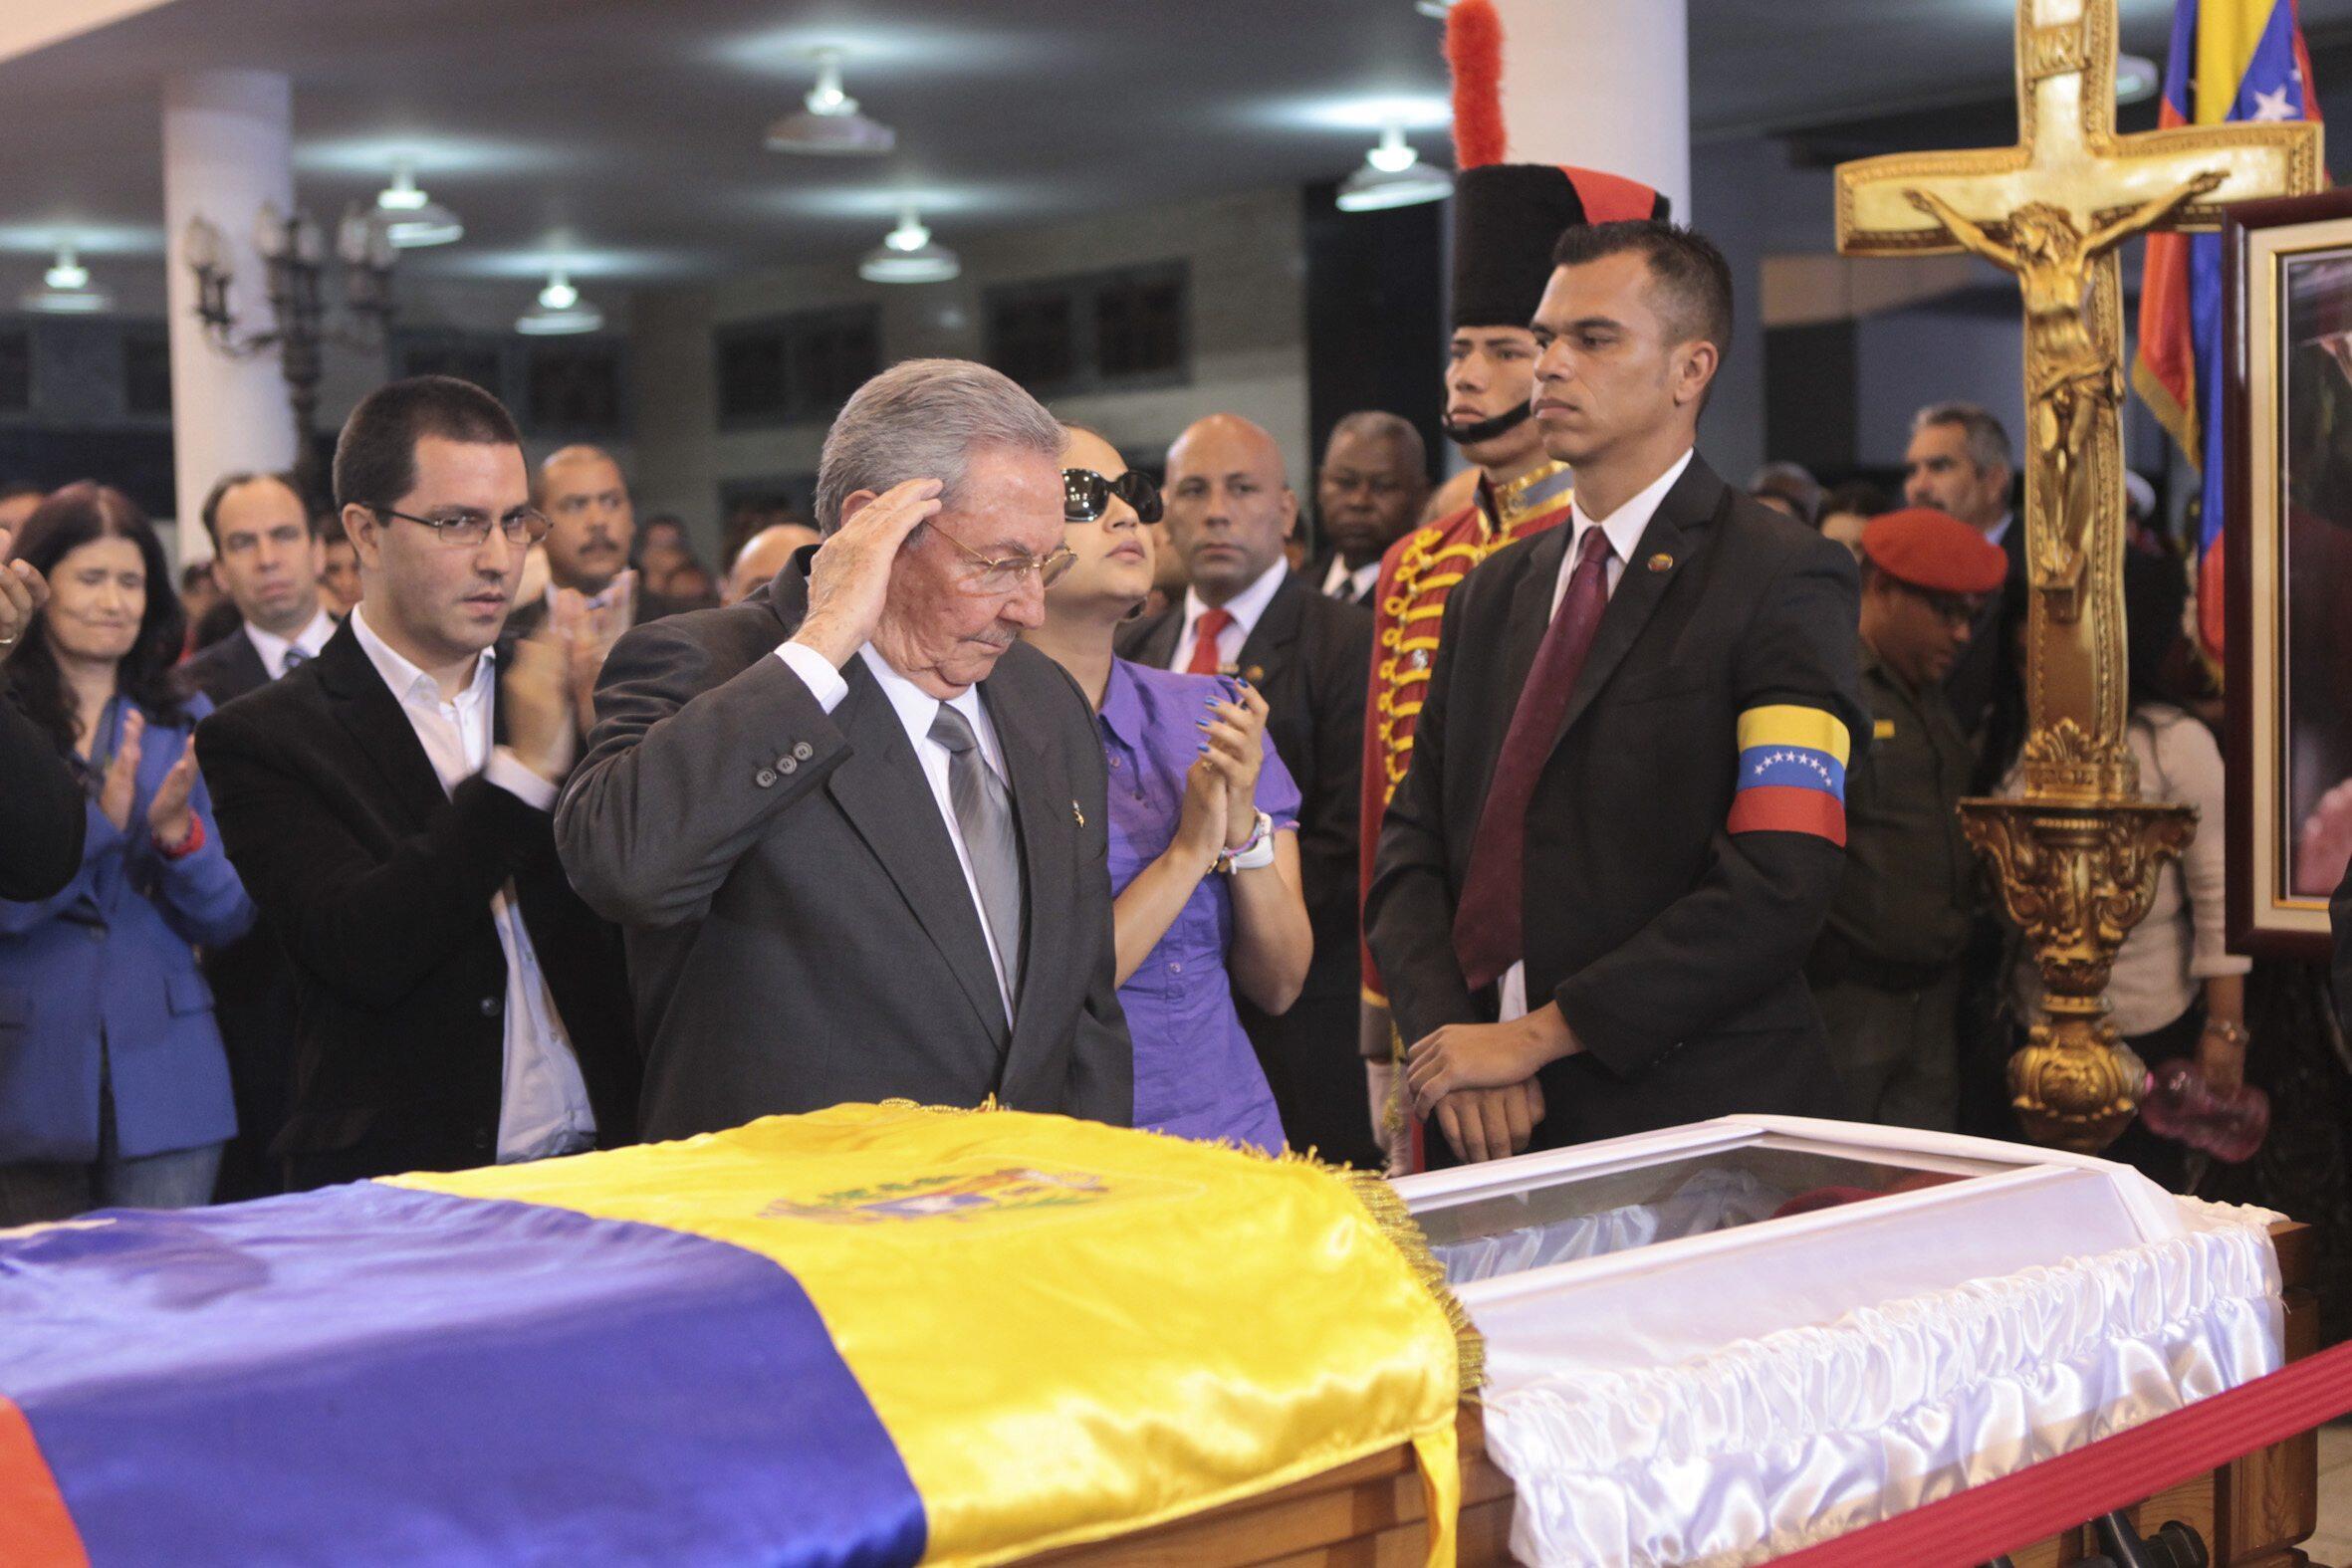 O presidente de Cuba Raul Castro durante velório do Presidente Hugo Chávez.